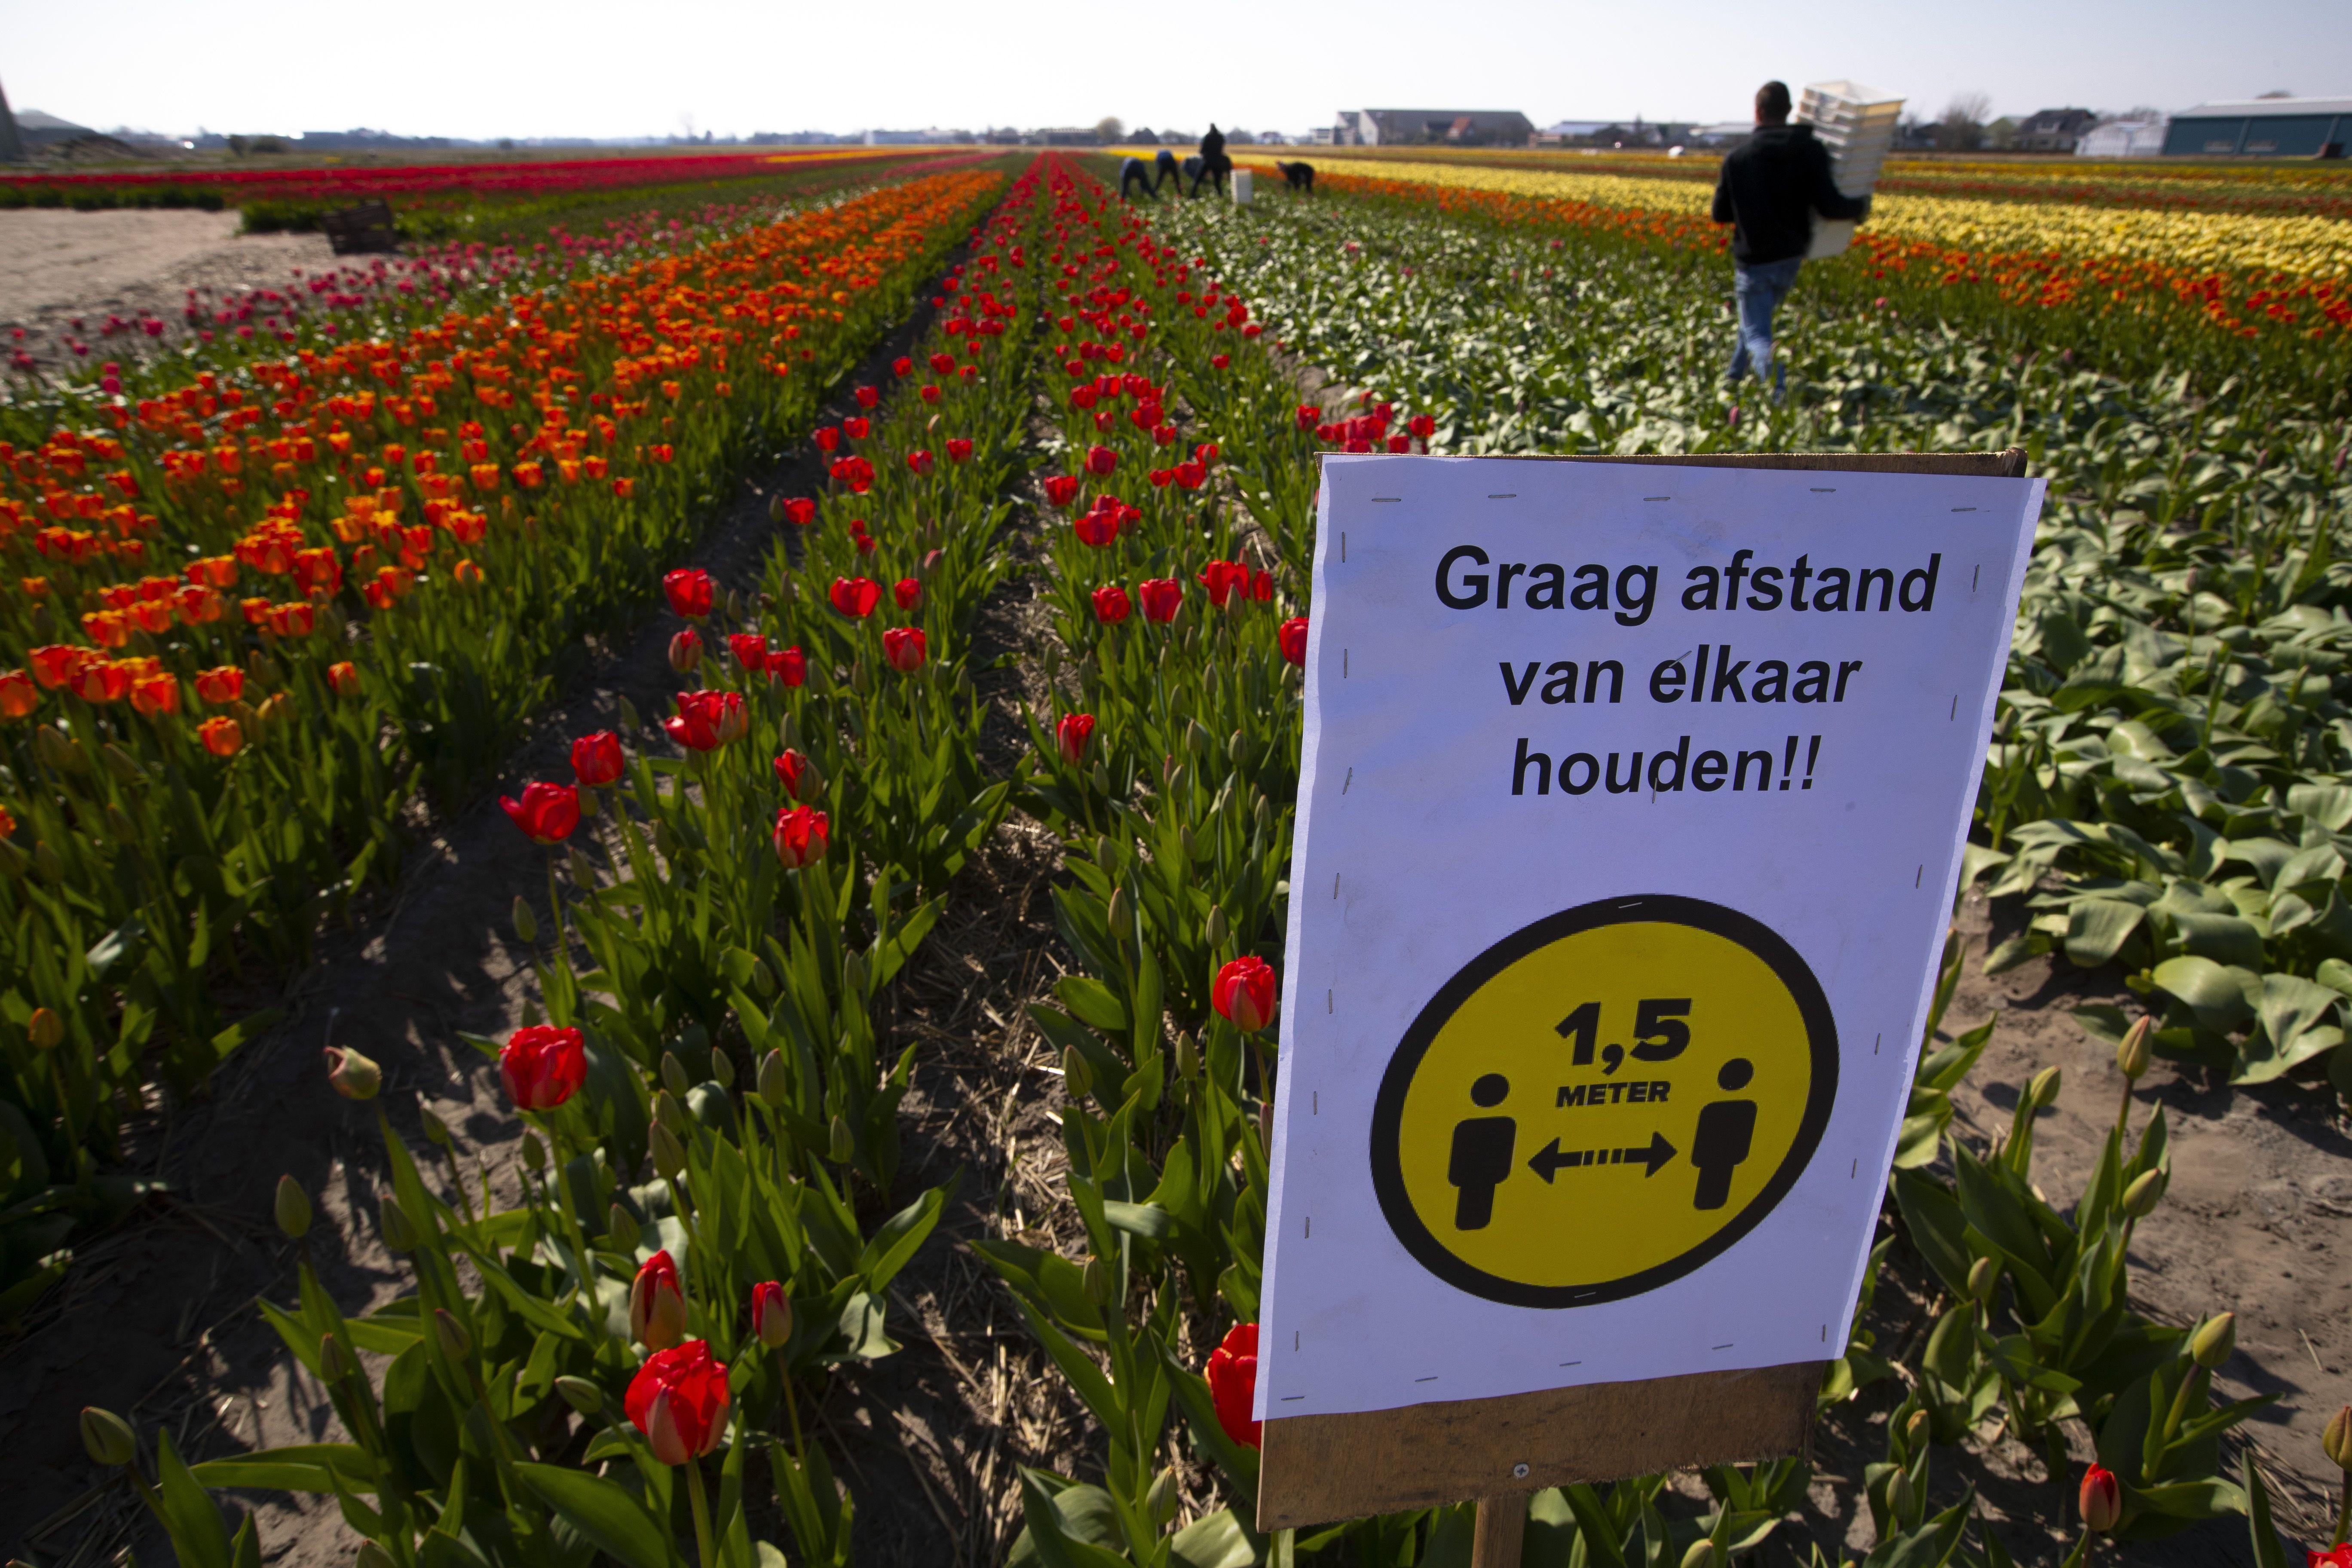 Коронавірус в Нідерландах. Квіти